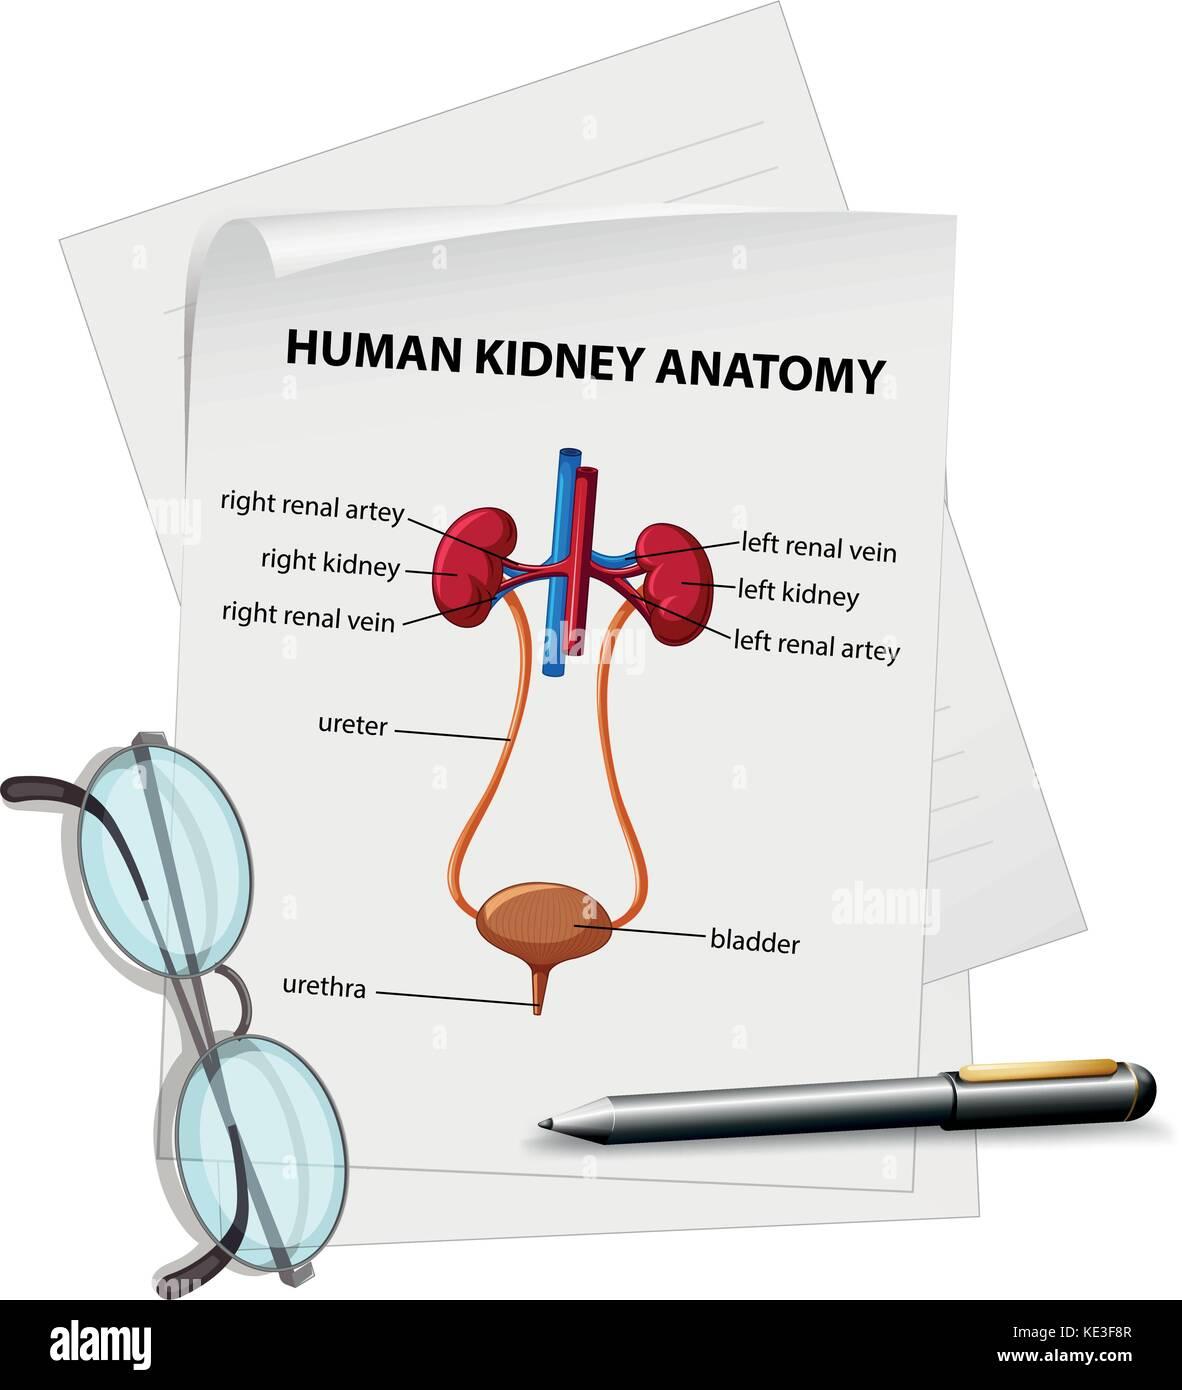 Diagrama que muestra la Anatomía del riñón en papel ilustración ...